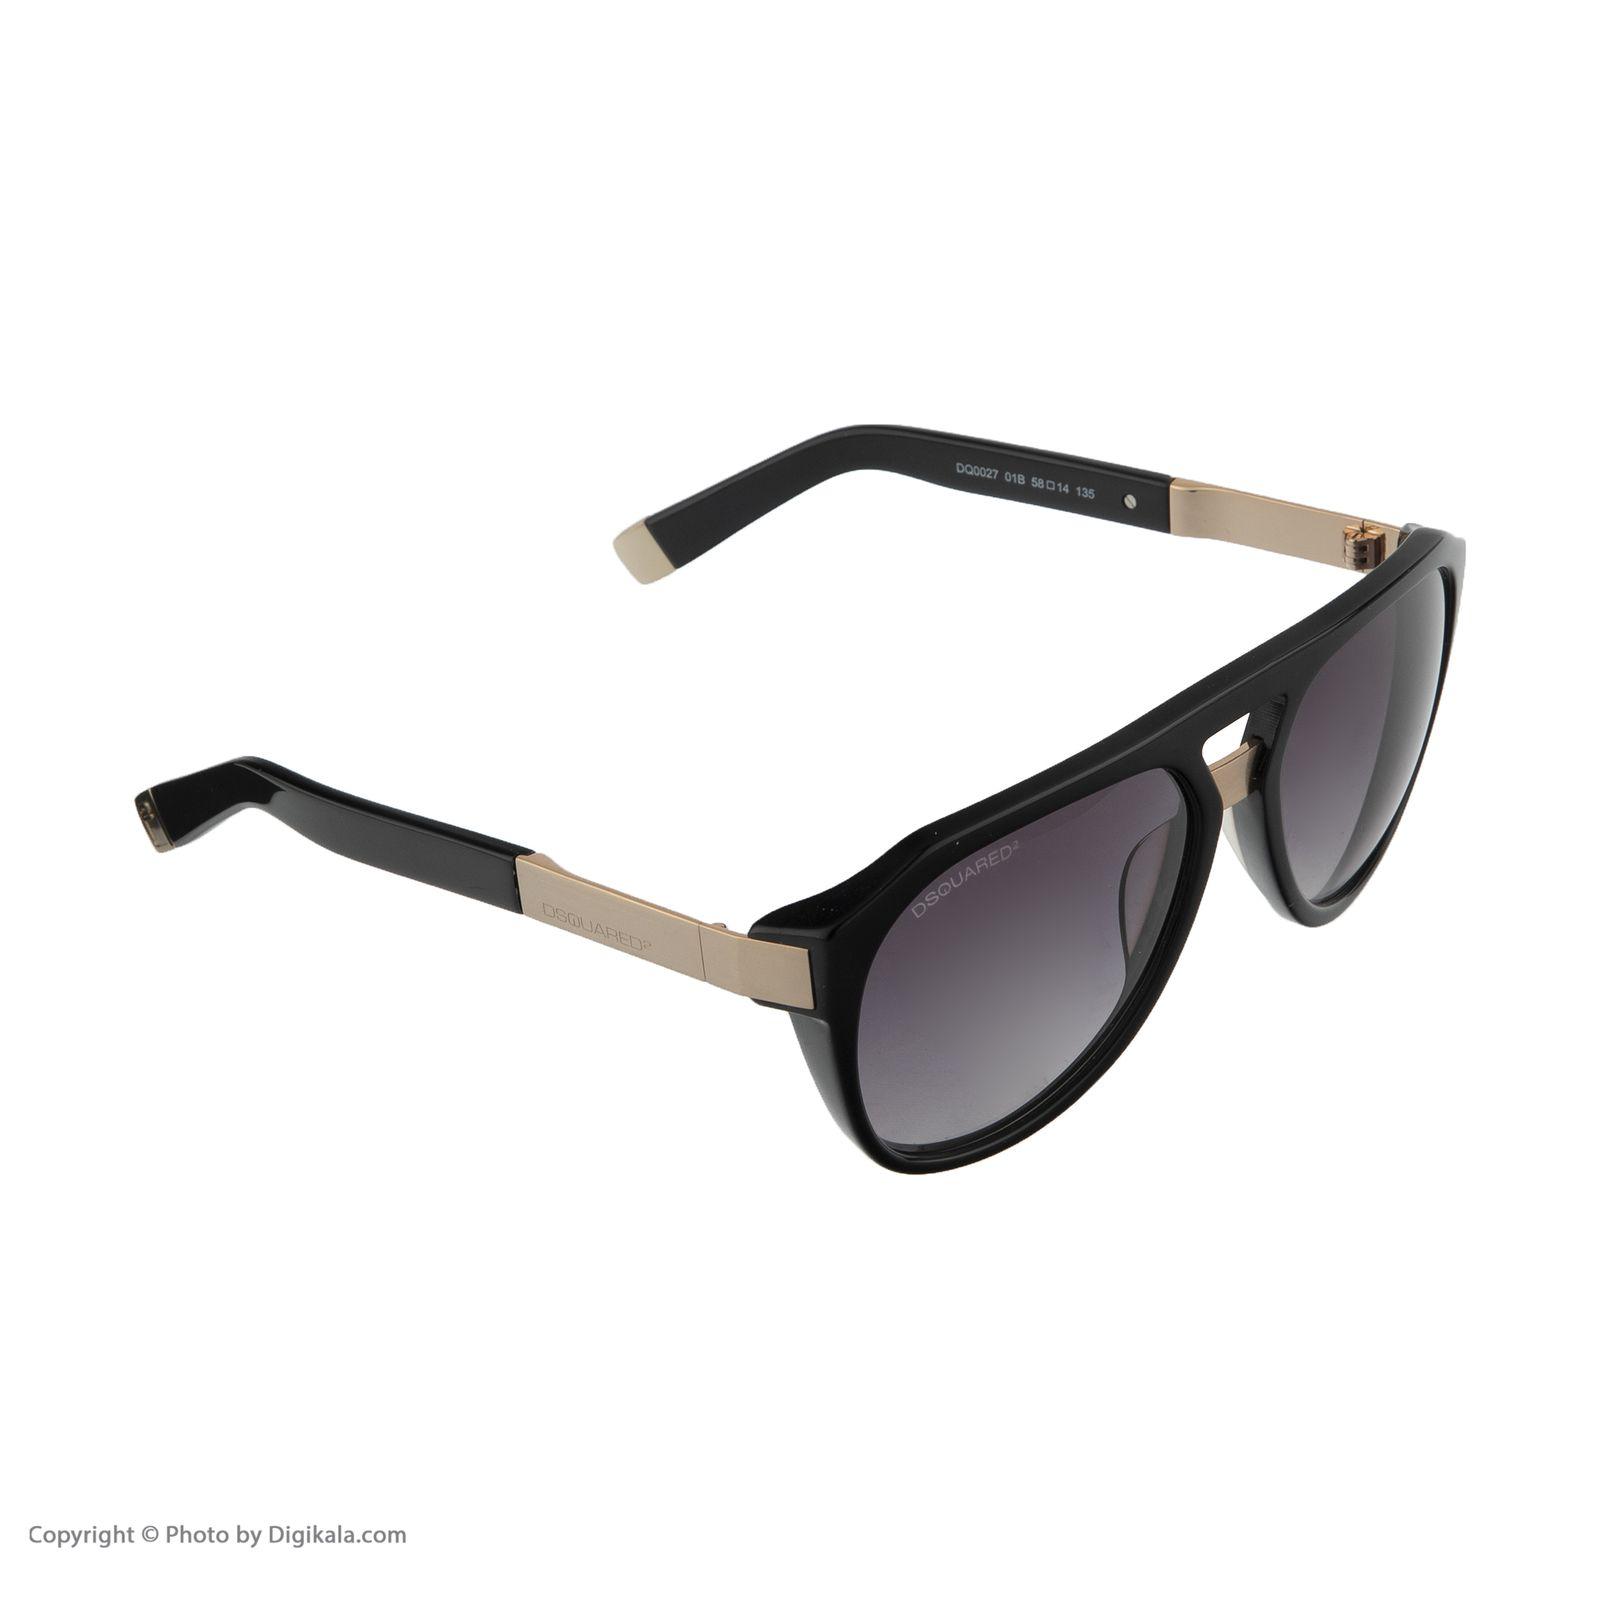 عینک آفتابی  دیسکوارد مدل 0027 -  - 4